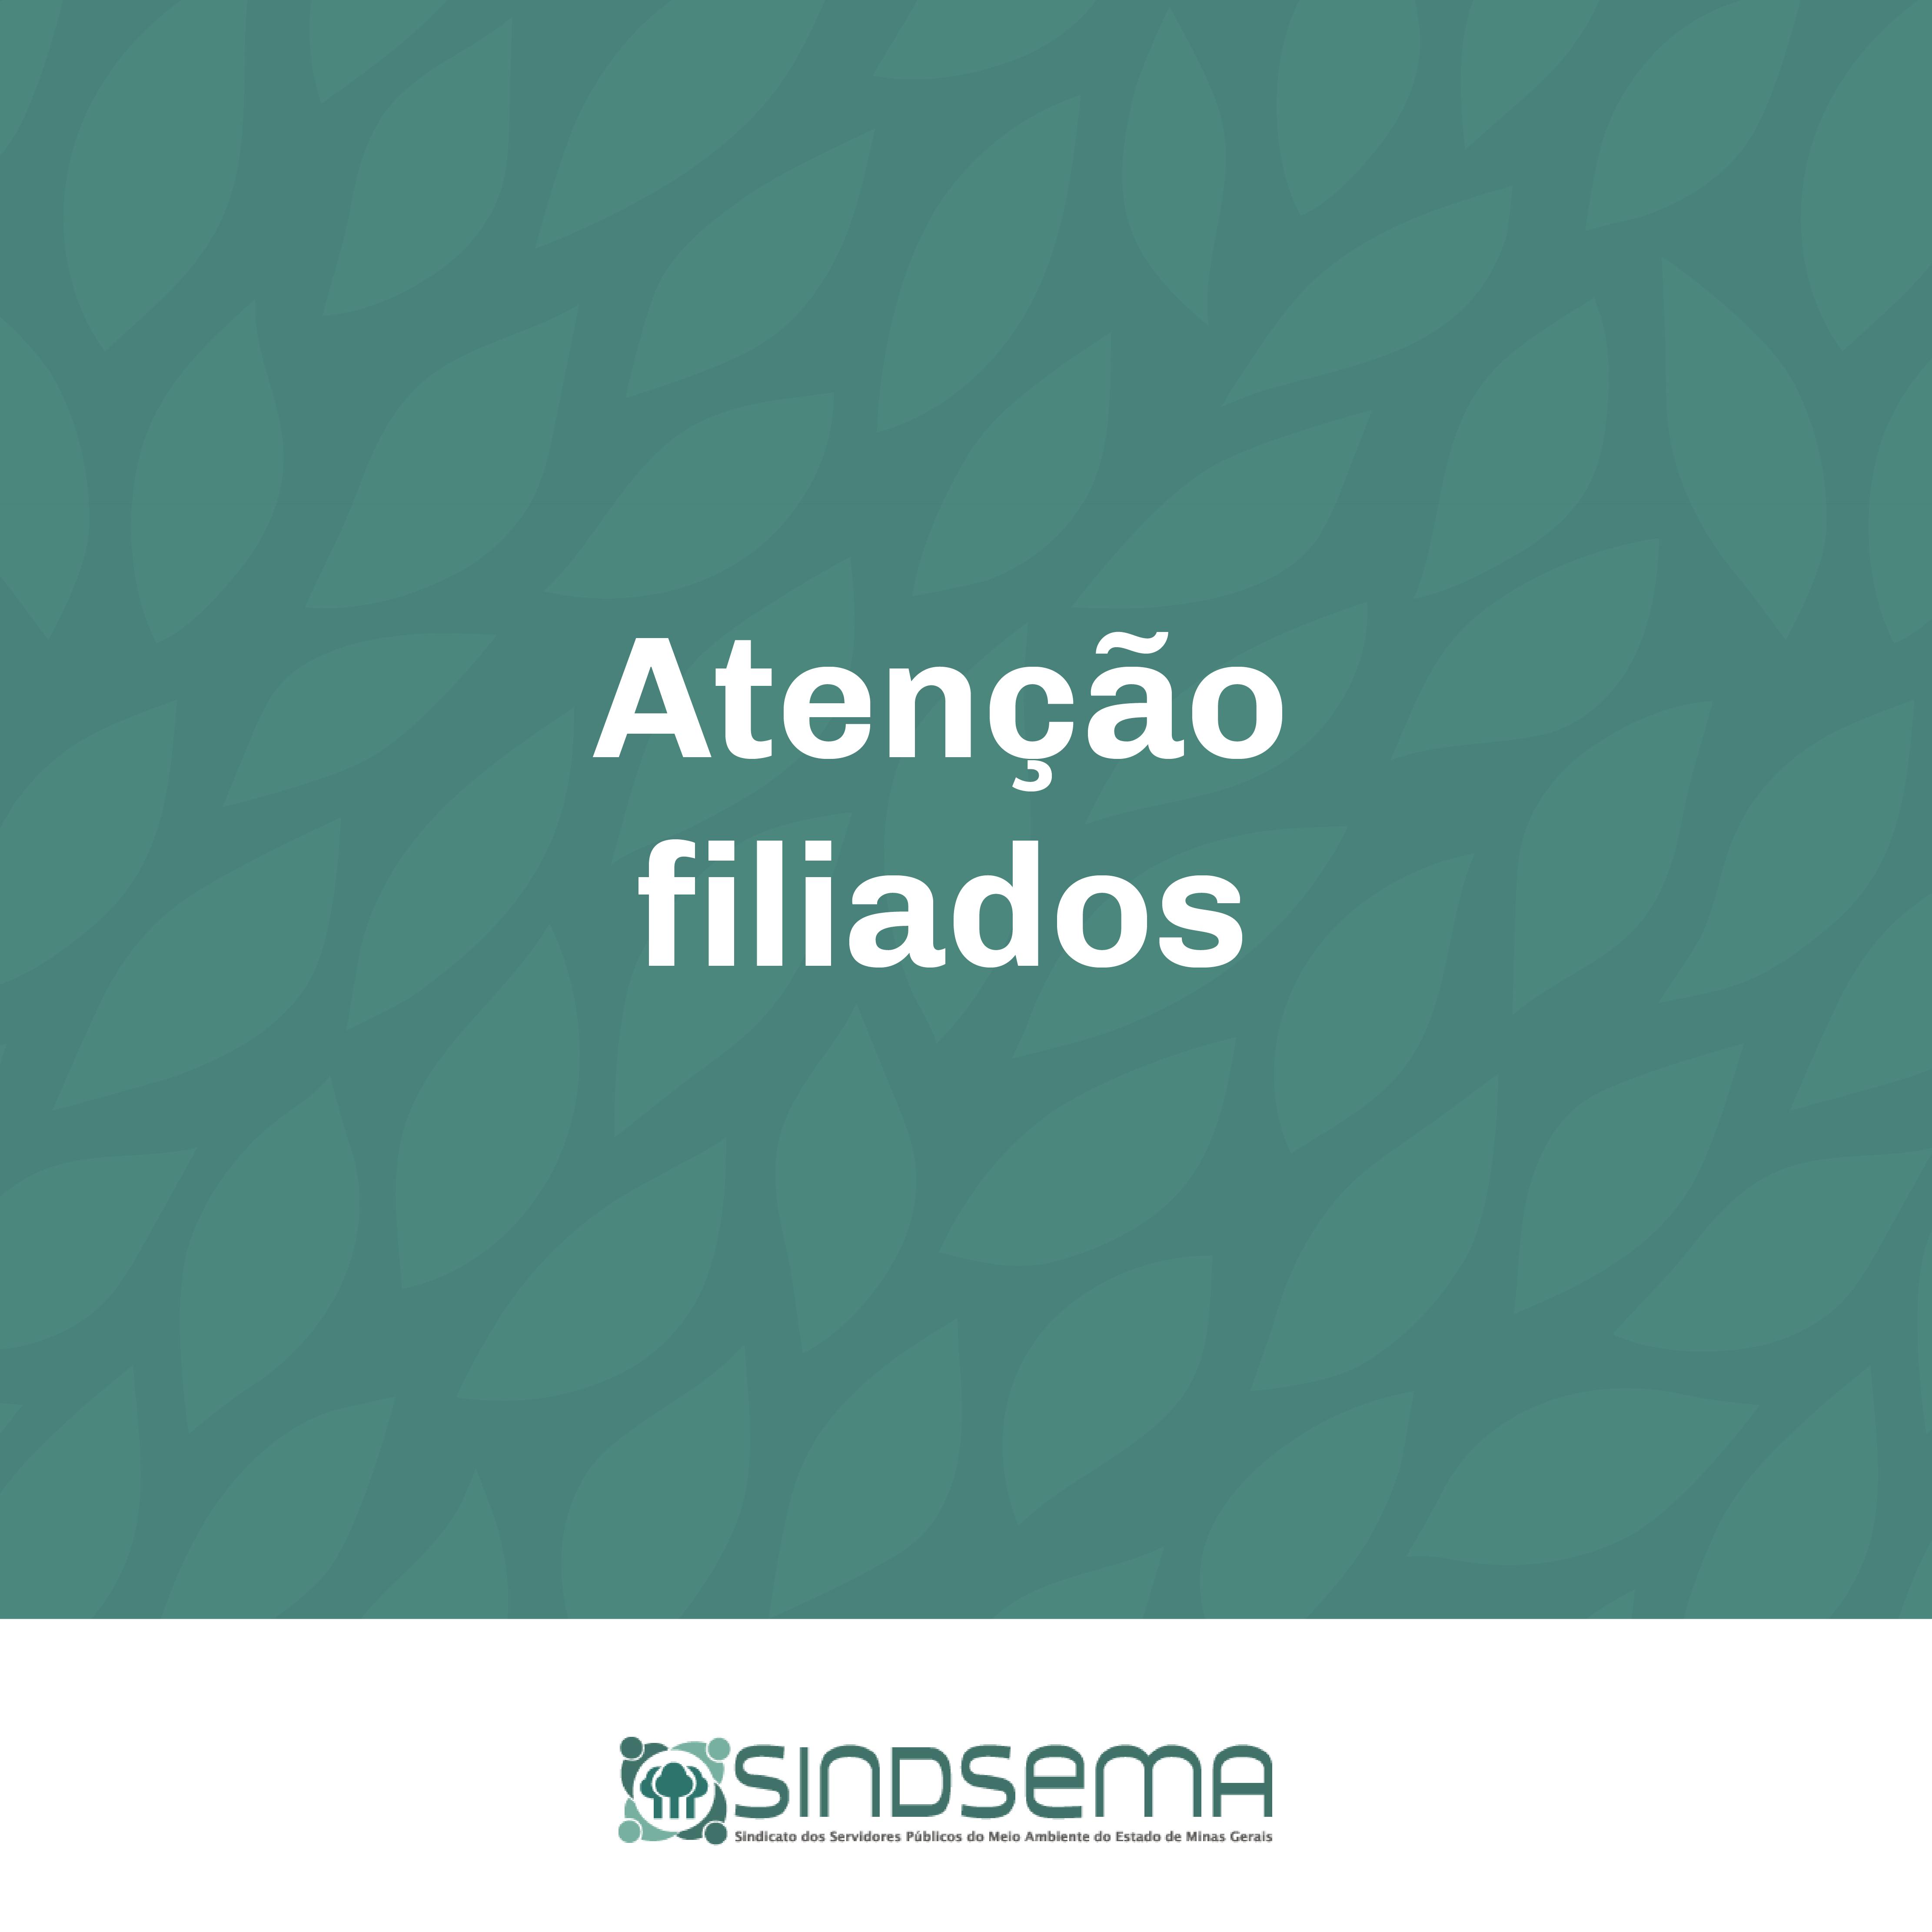 Comunicado importante para os filiados que possuem empréstimo consignado no Banco do Brasil